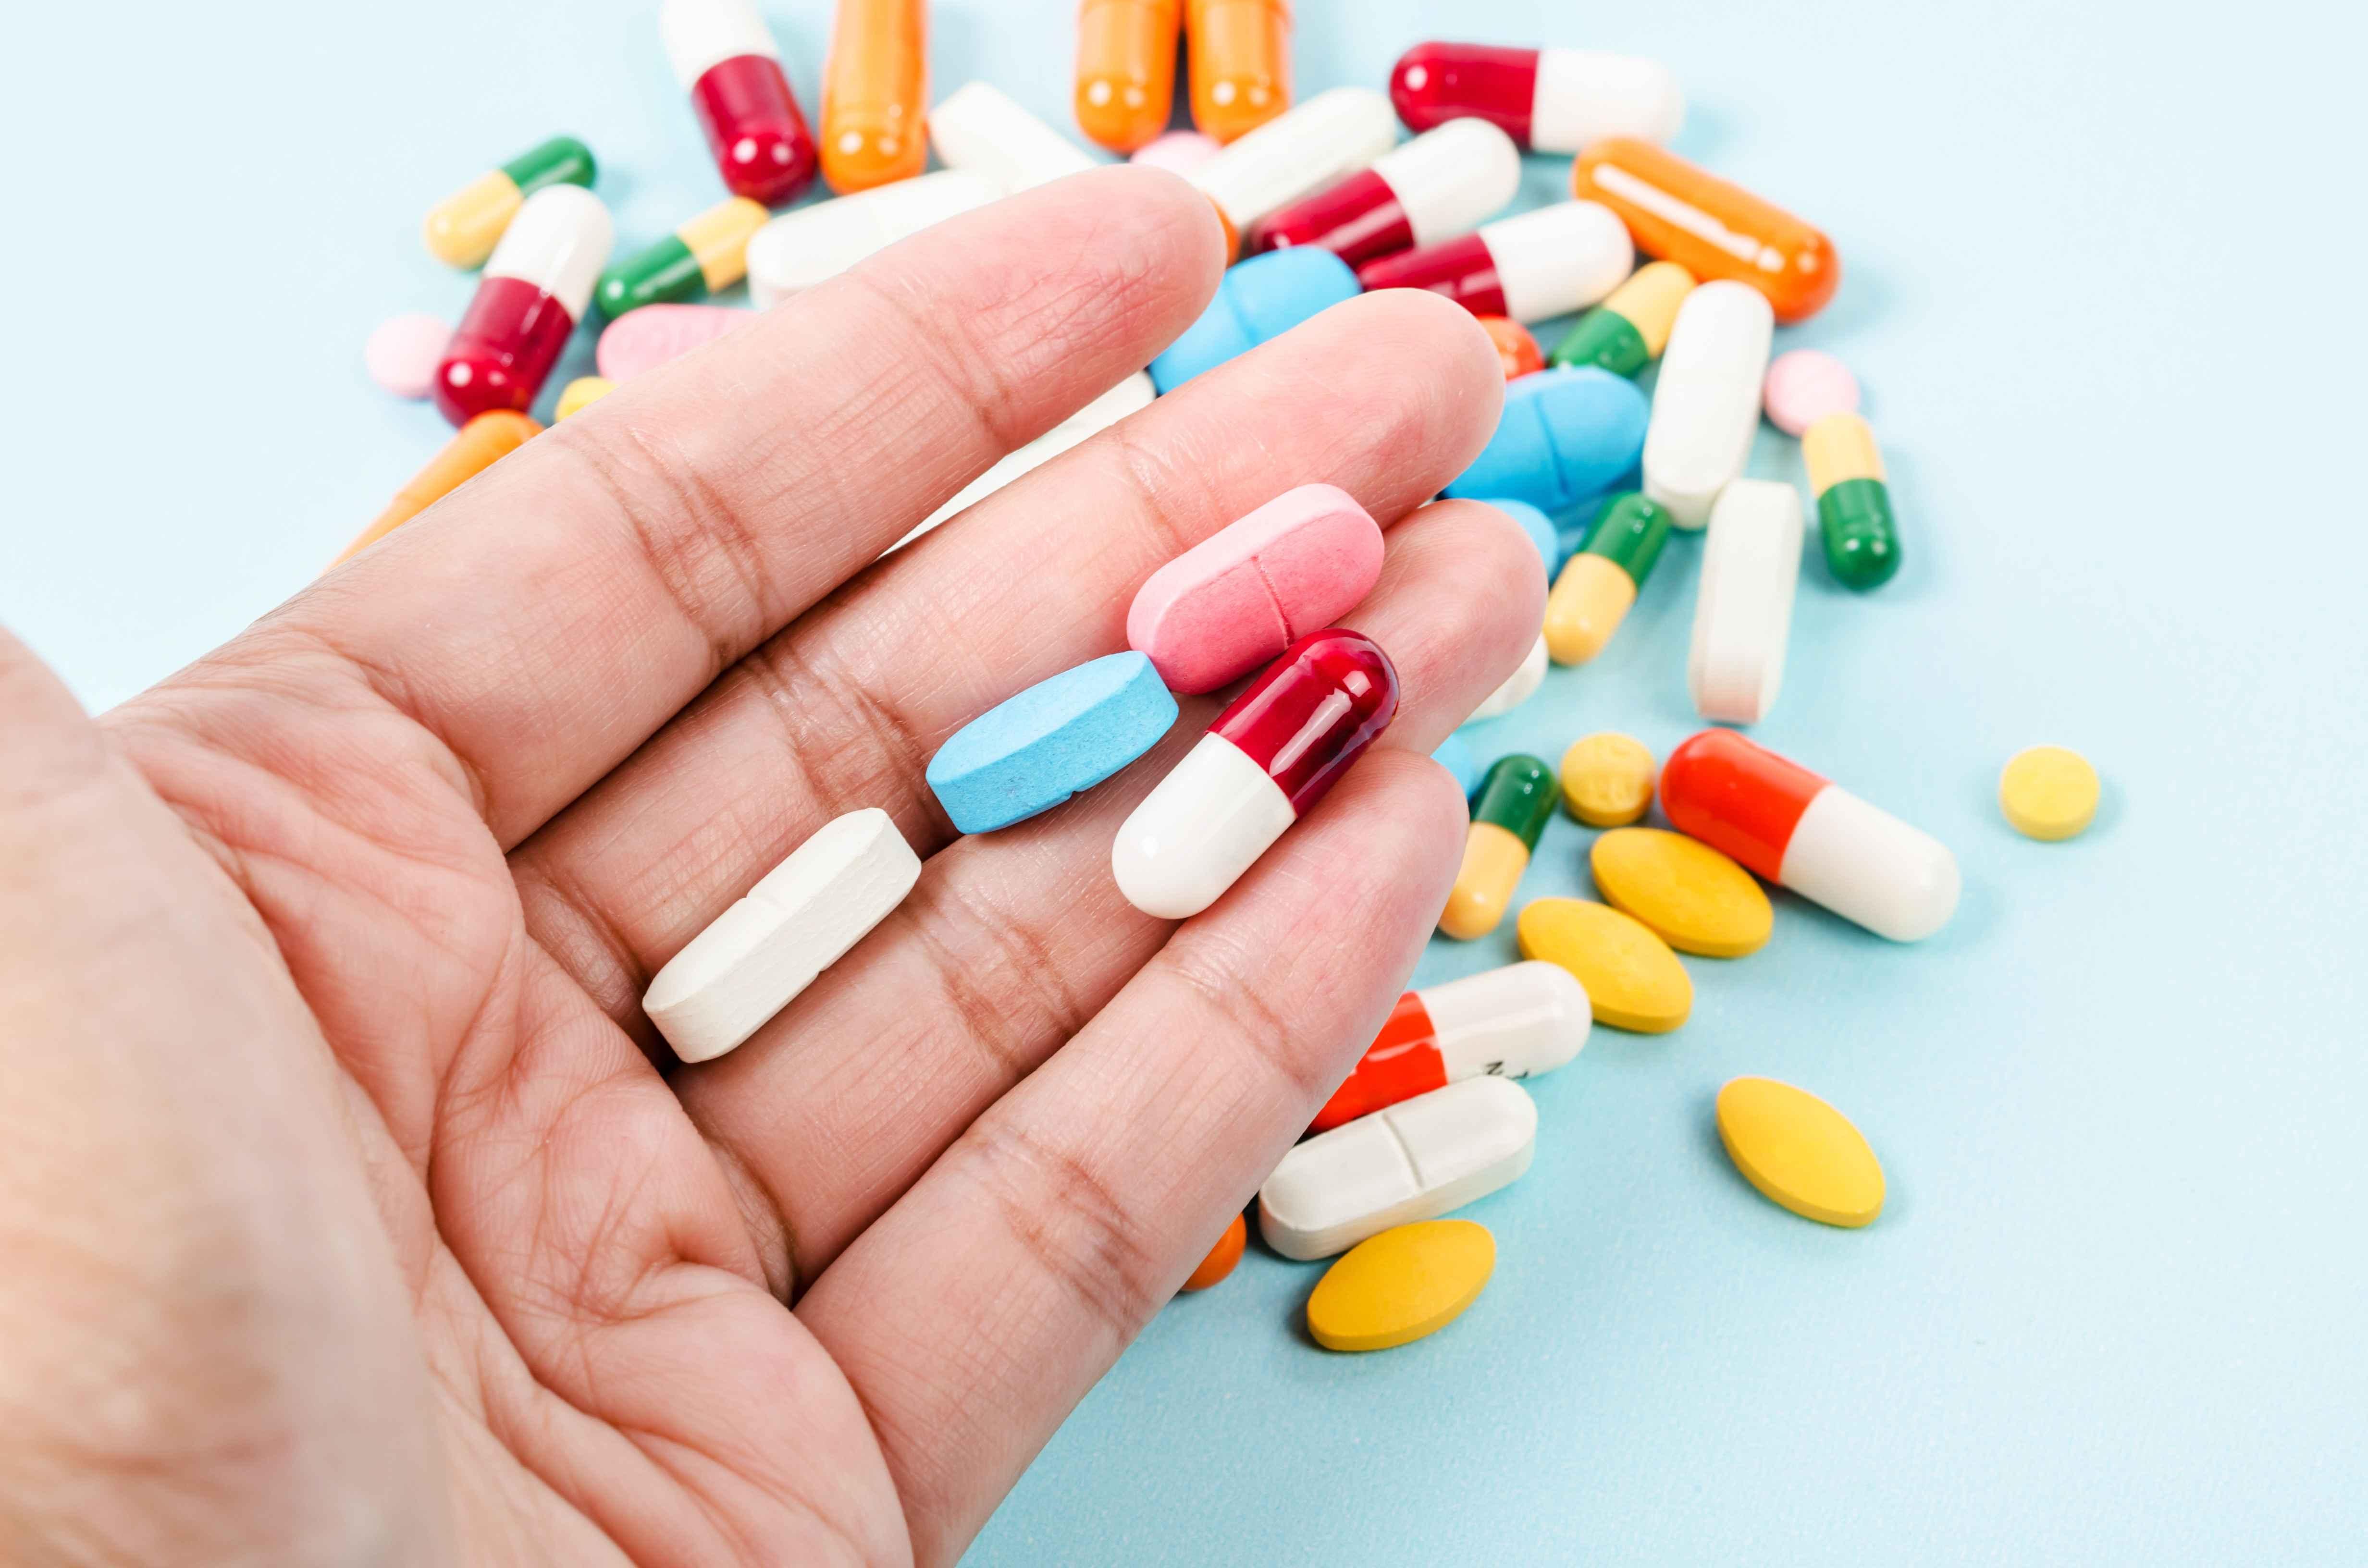 小孩感冒不能用这3种药,尤其是最后一个,争议性特别大!